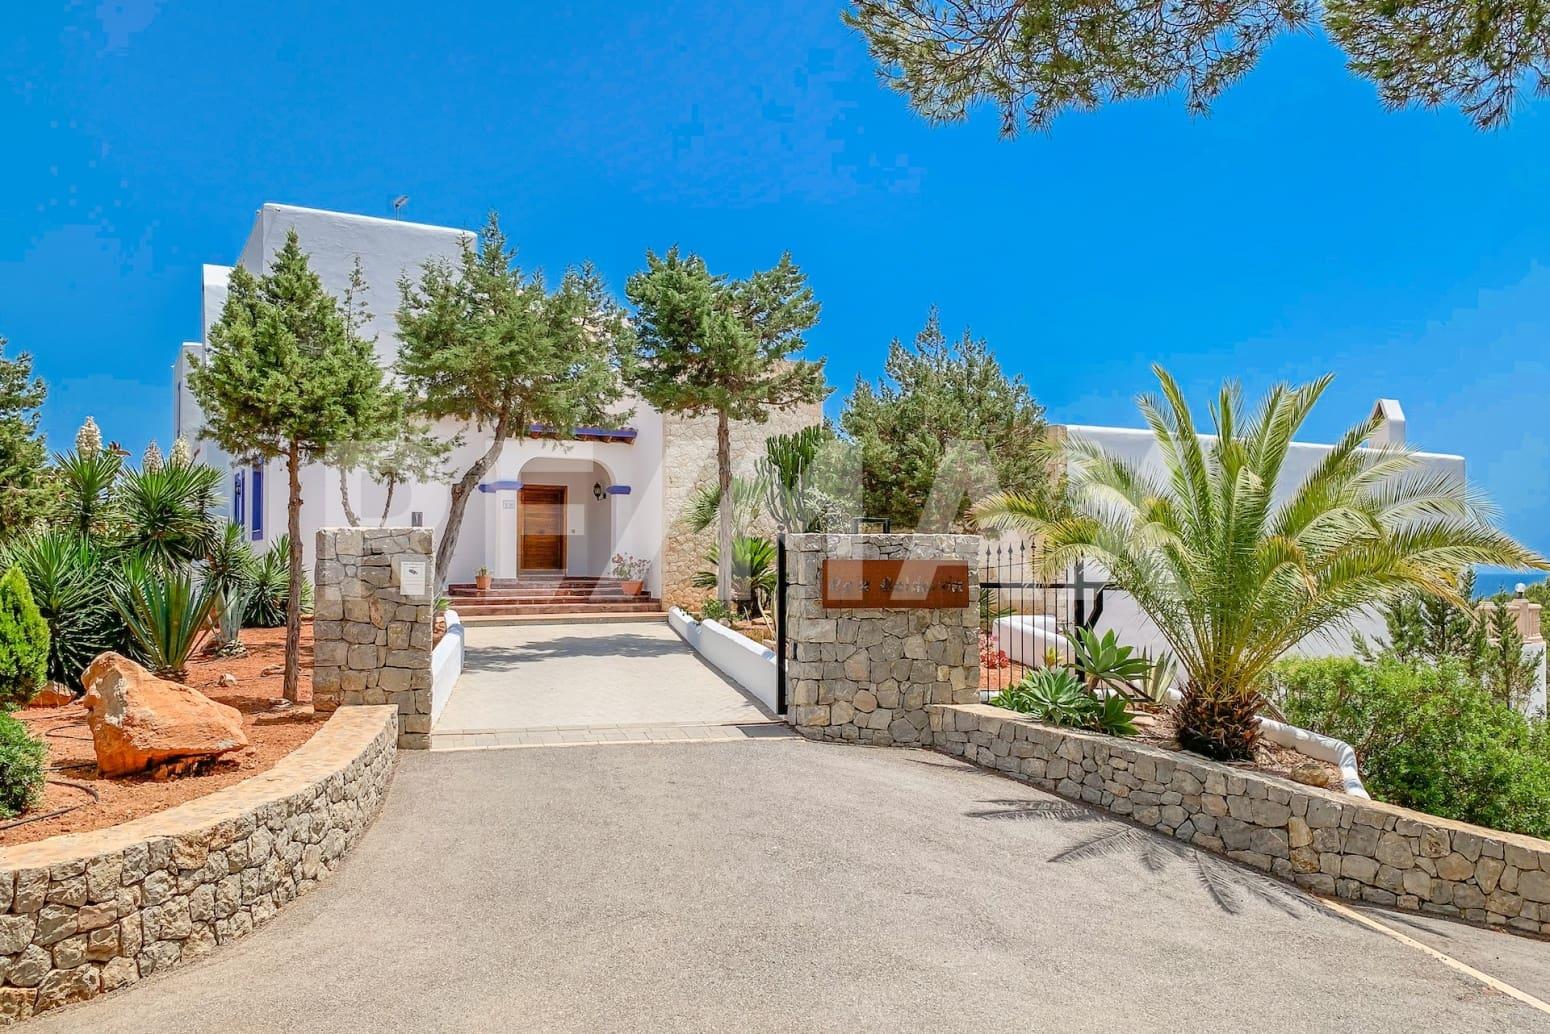 7 soverom Rekkehus til salgs i Santa Eulalia / Santa Eularia med svømmebasseng garasje - € 3 500 000 (Ref: 5451943)